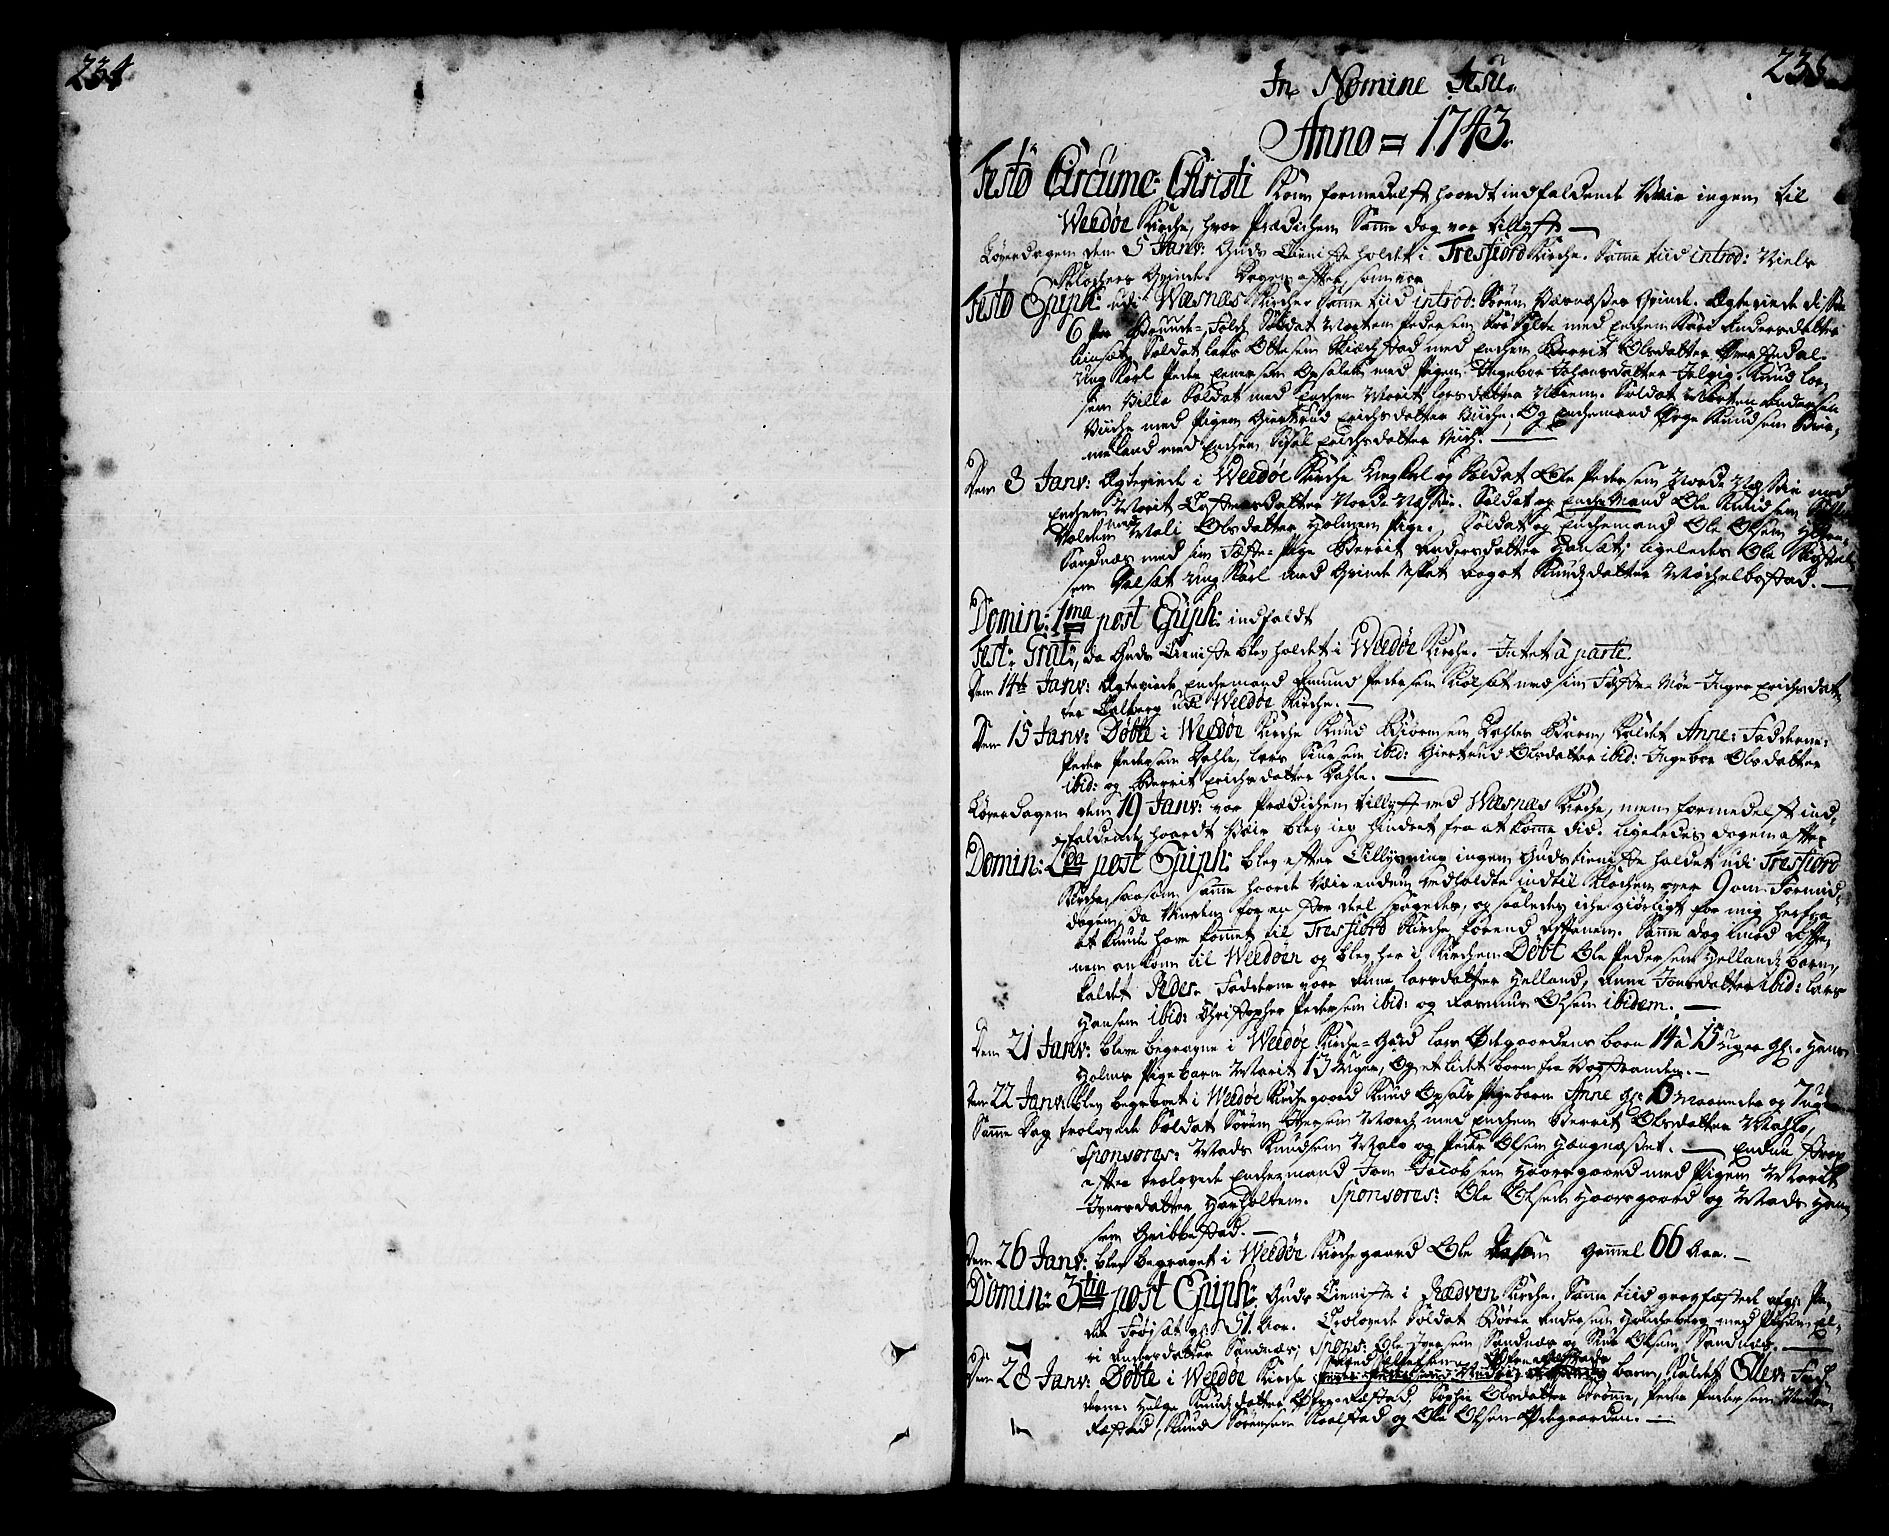 SAT, Ministerialprotokoller, klokkerbøker og fødselsregistre - Møre og Romsdal, 547/L0599: Parish register (official) no. 547A01, 1721-1764, p. 234-235